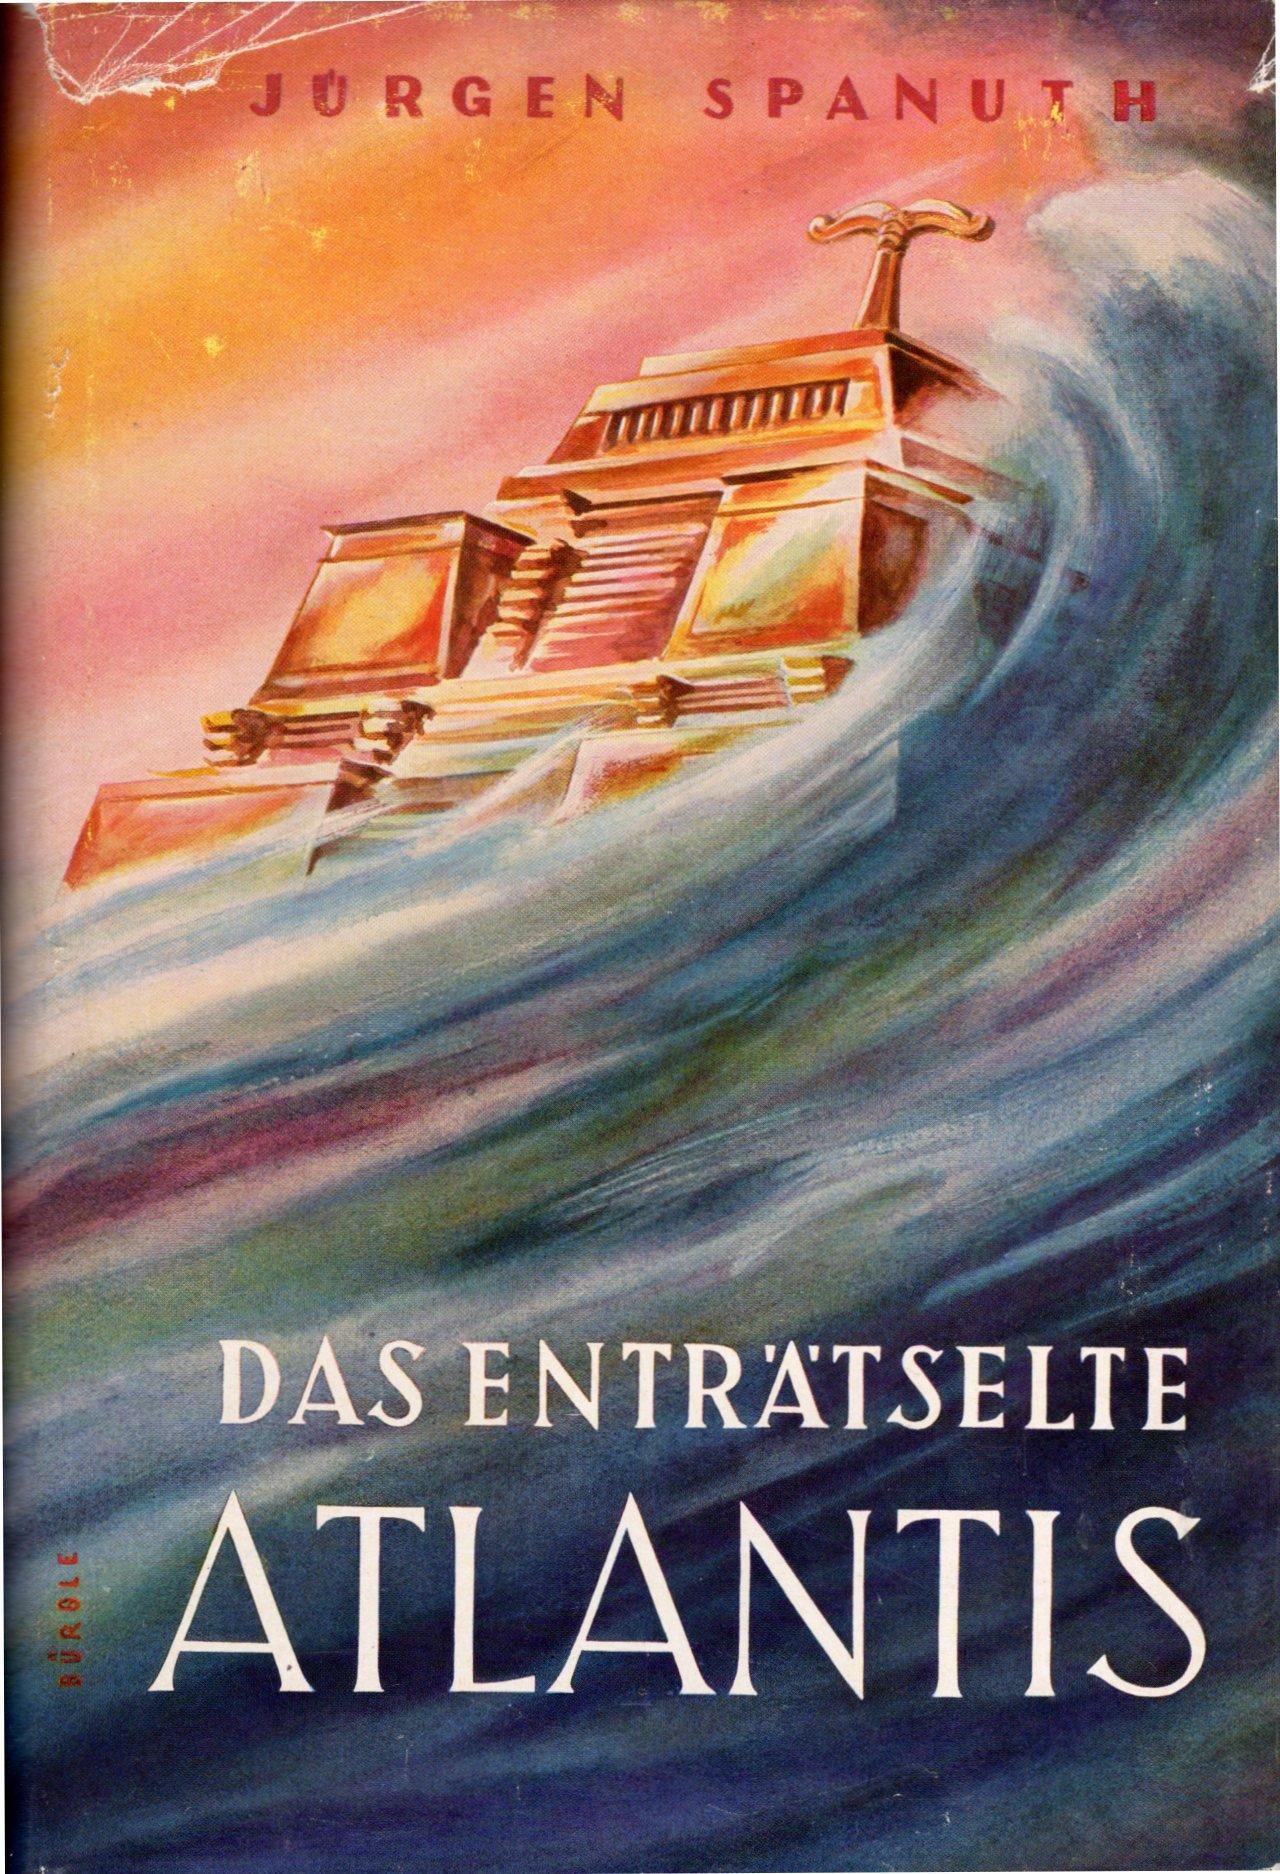 Das enträtselte Atlantis